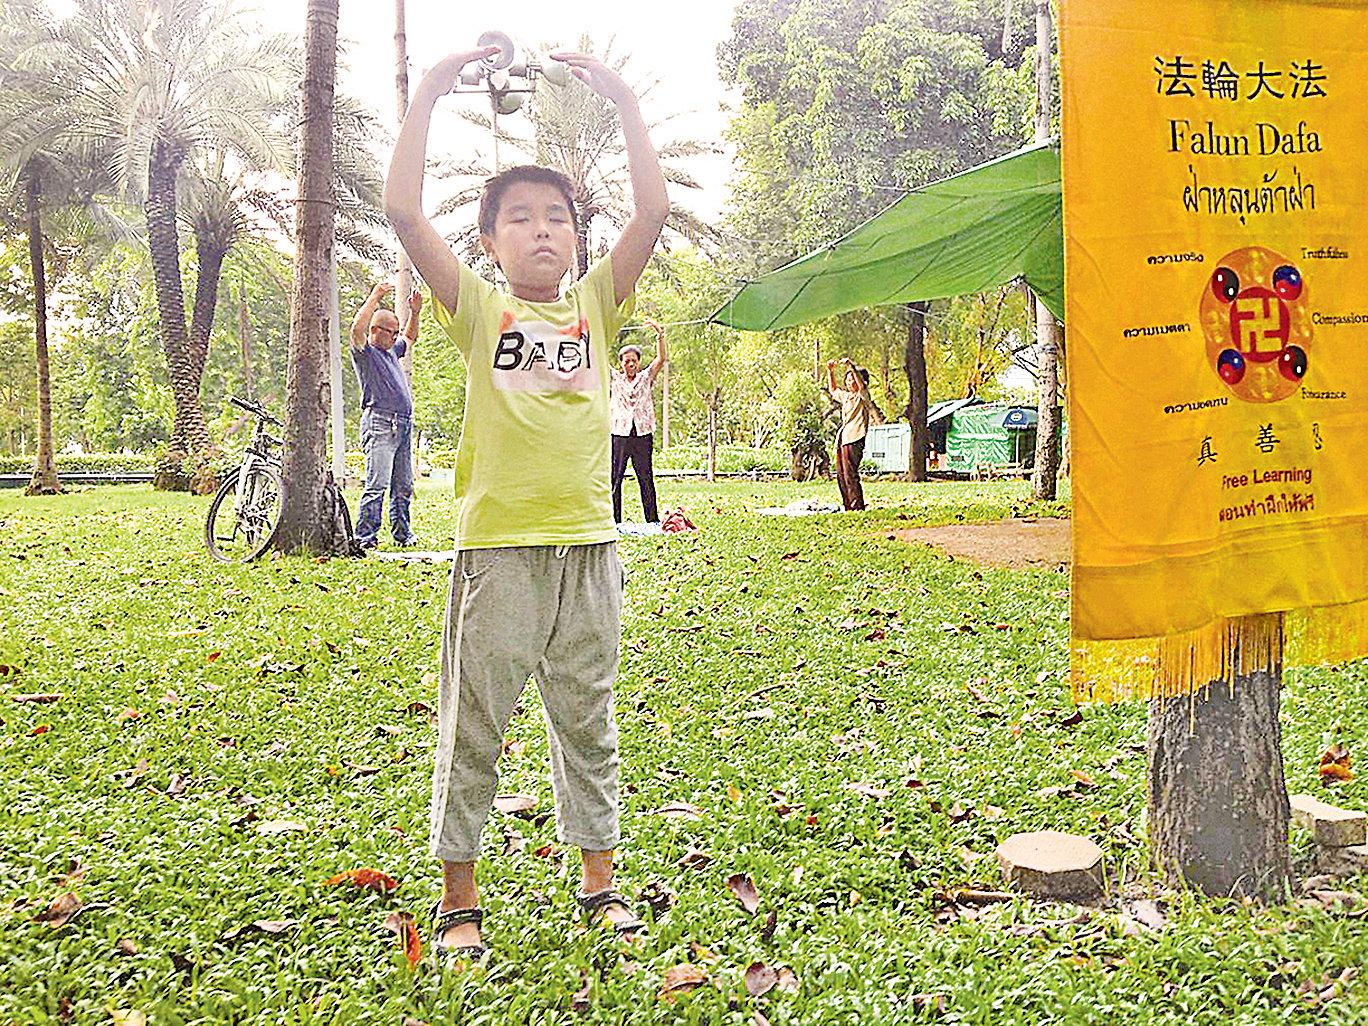 廣州市海珠區梁錦峰(小名新新), 今年九歲。從他三歲記事起,就因父 母被綁架,心靈遭受難以磨滅的創傷。